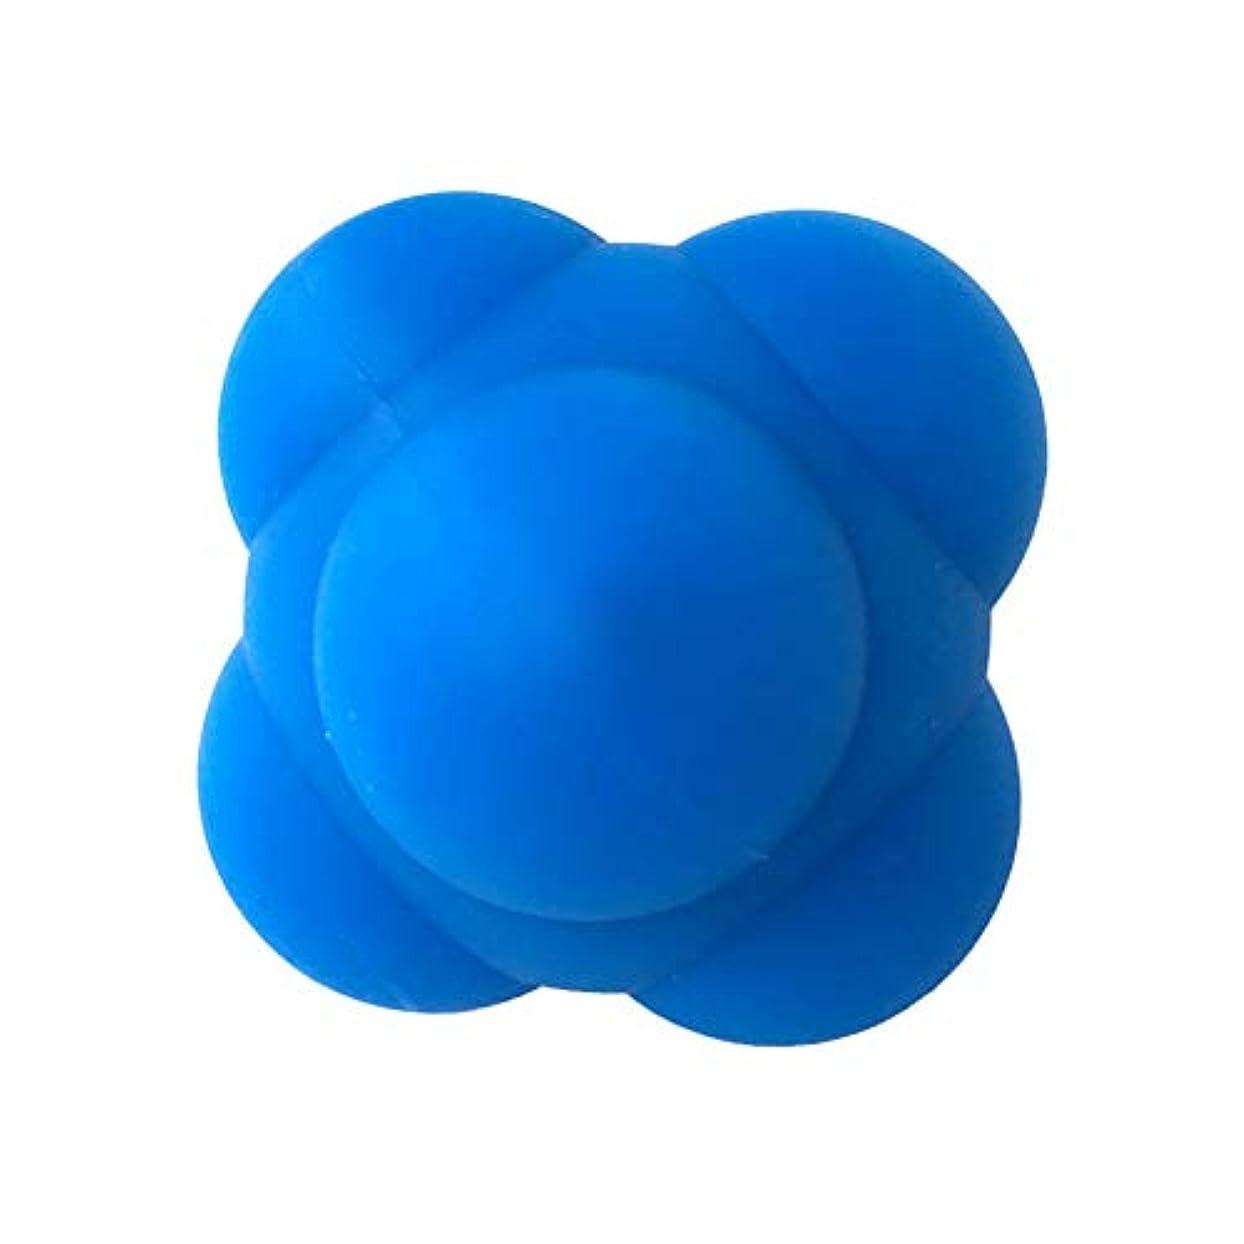 盆彫刻未来Healifty シリコントレーニングボールフィットネスリアクションエクササイズボール速さと敏捷性トレーニングボール(青/ 6cm)